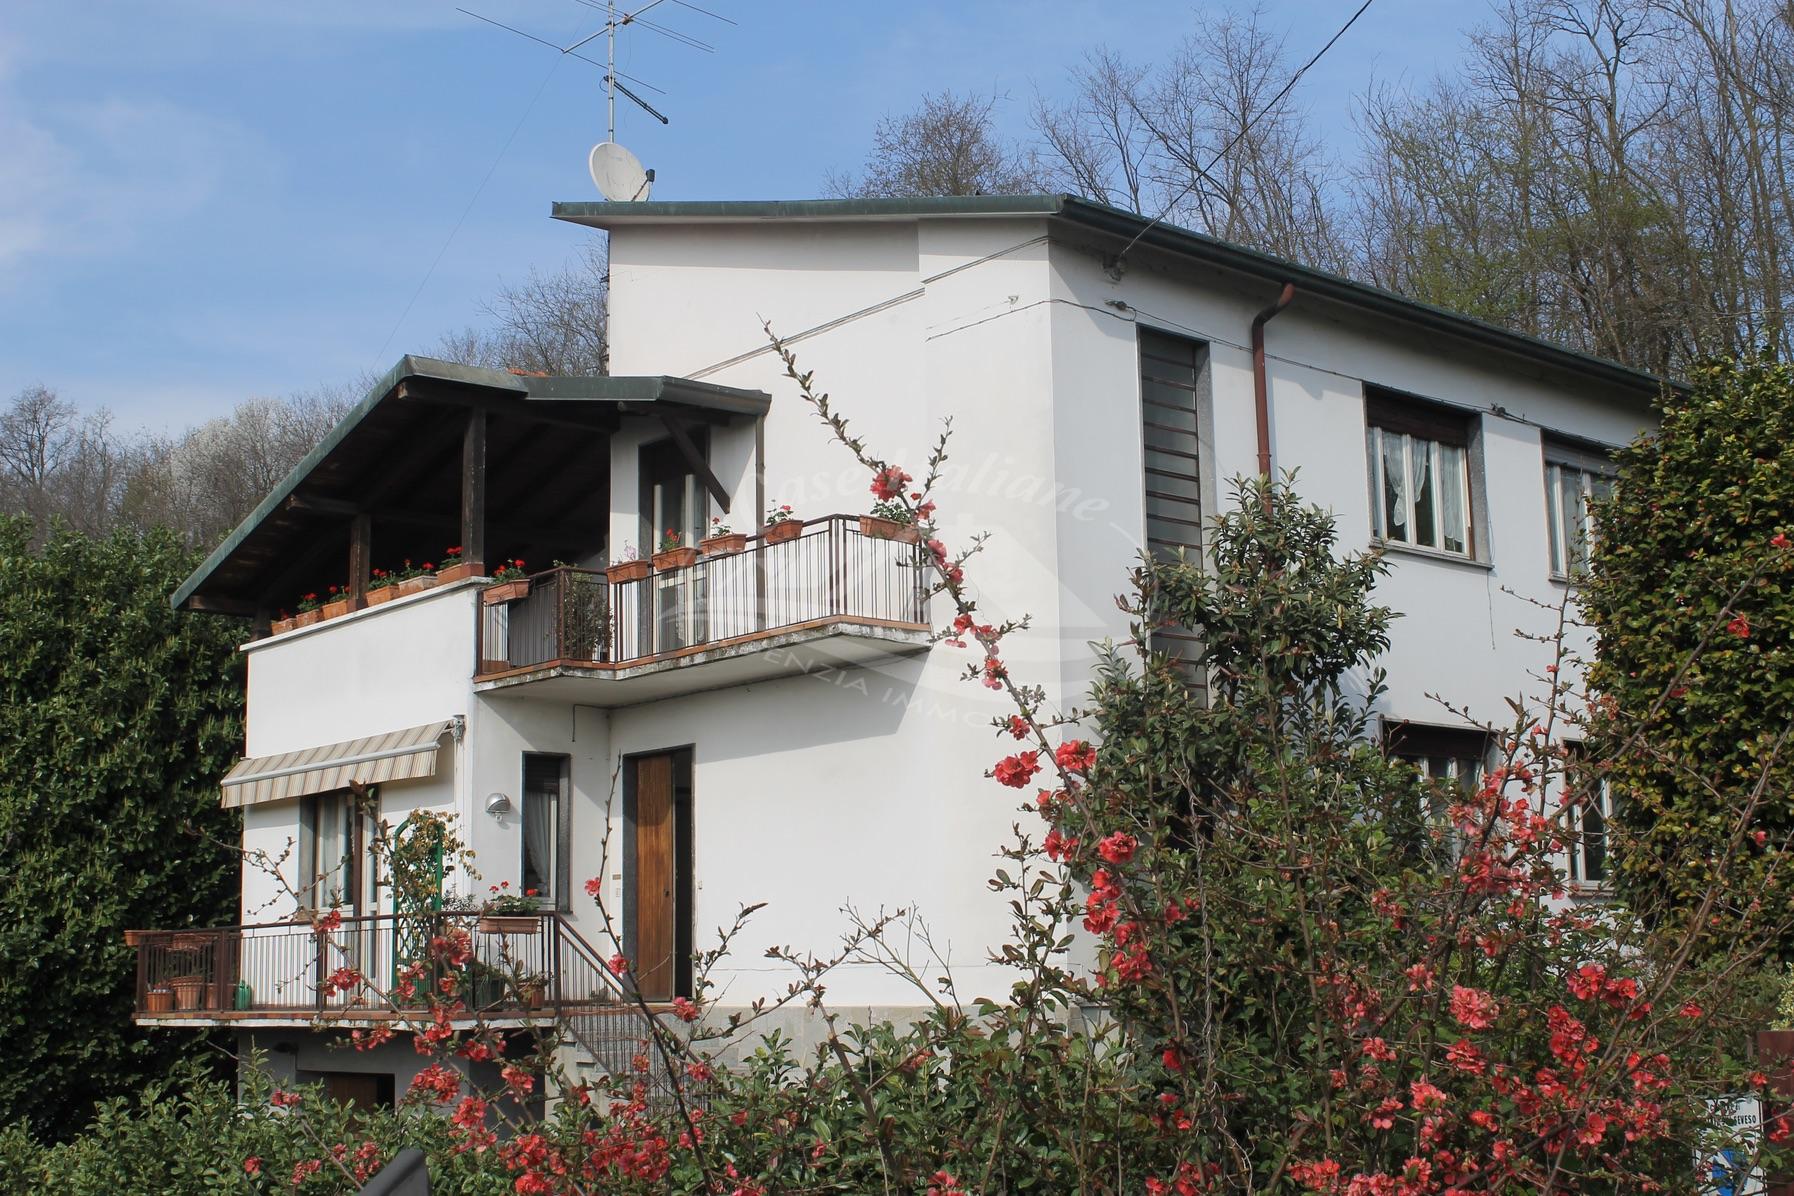 Casa indipendente a Lentate sul Seveso